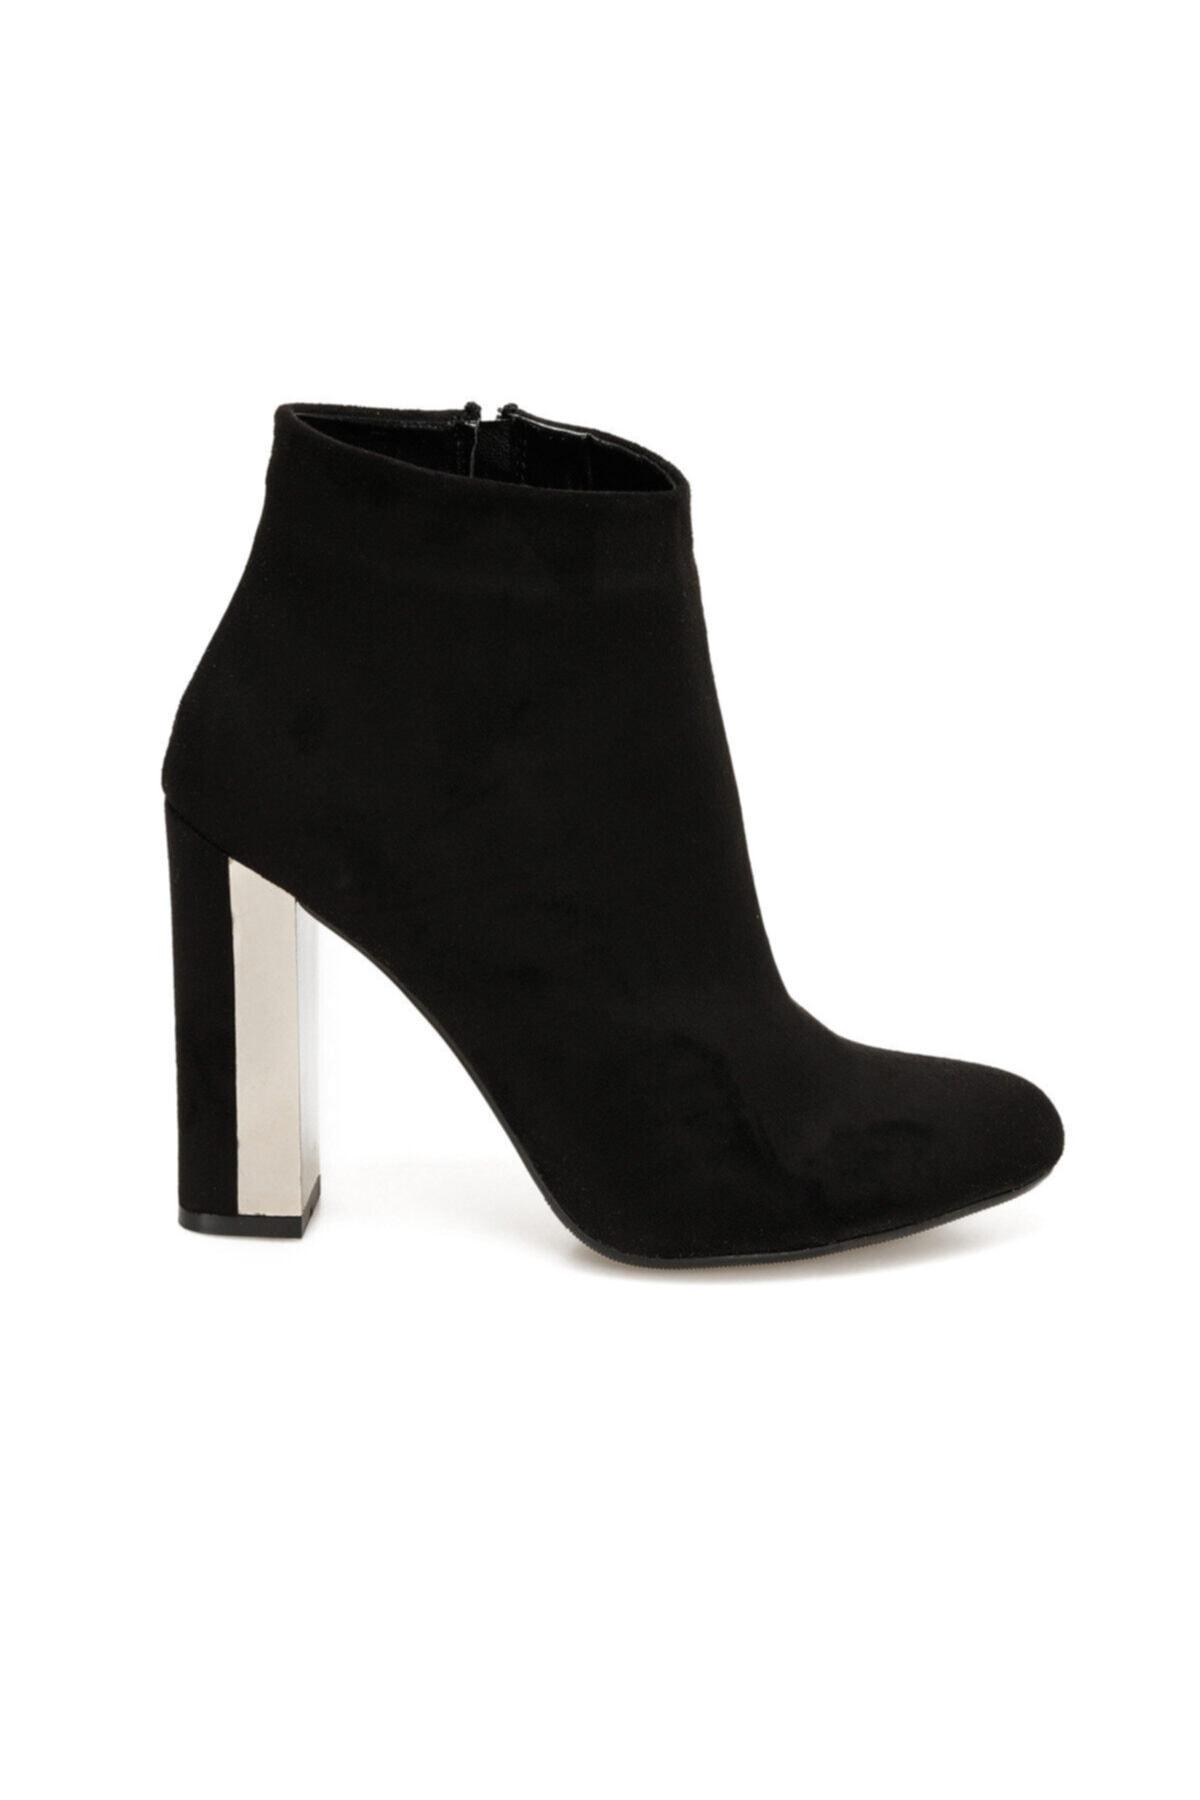 Butigo BURGOS Siyah Kadın Topuklu Bot 100523290 2